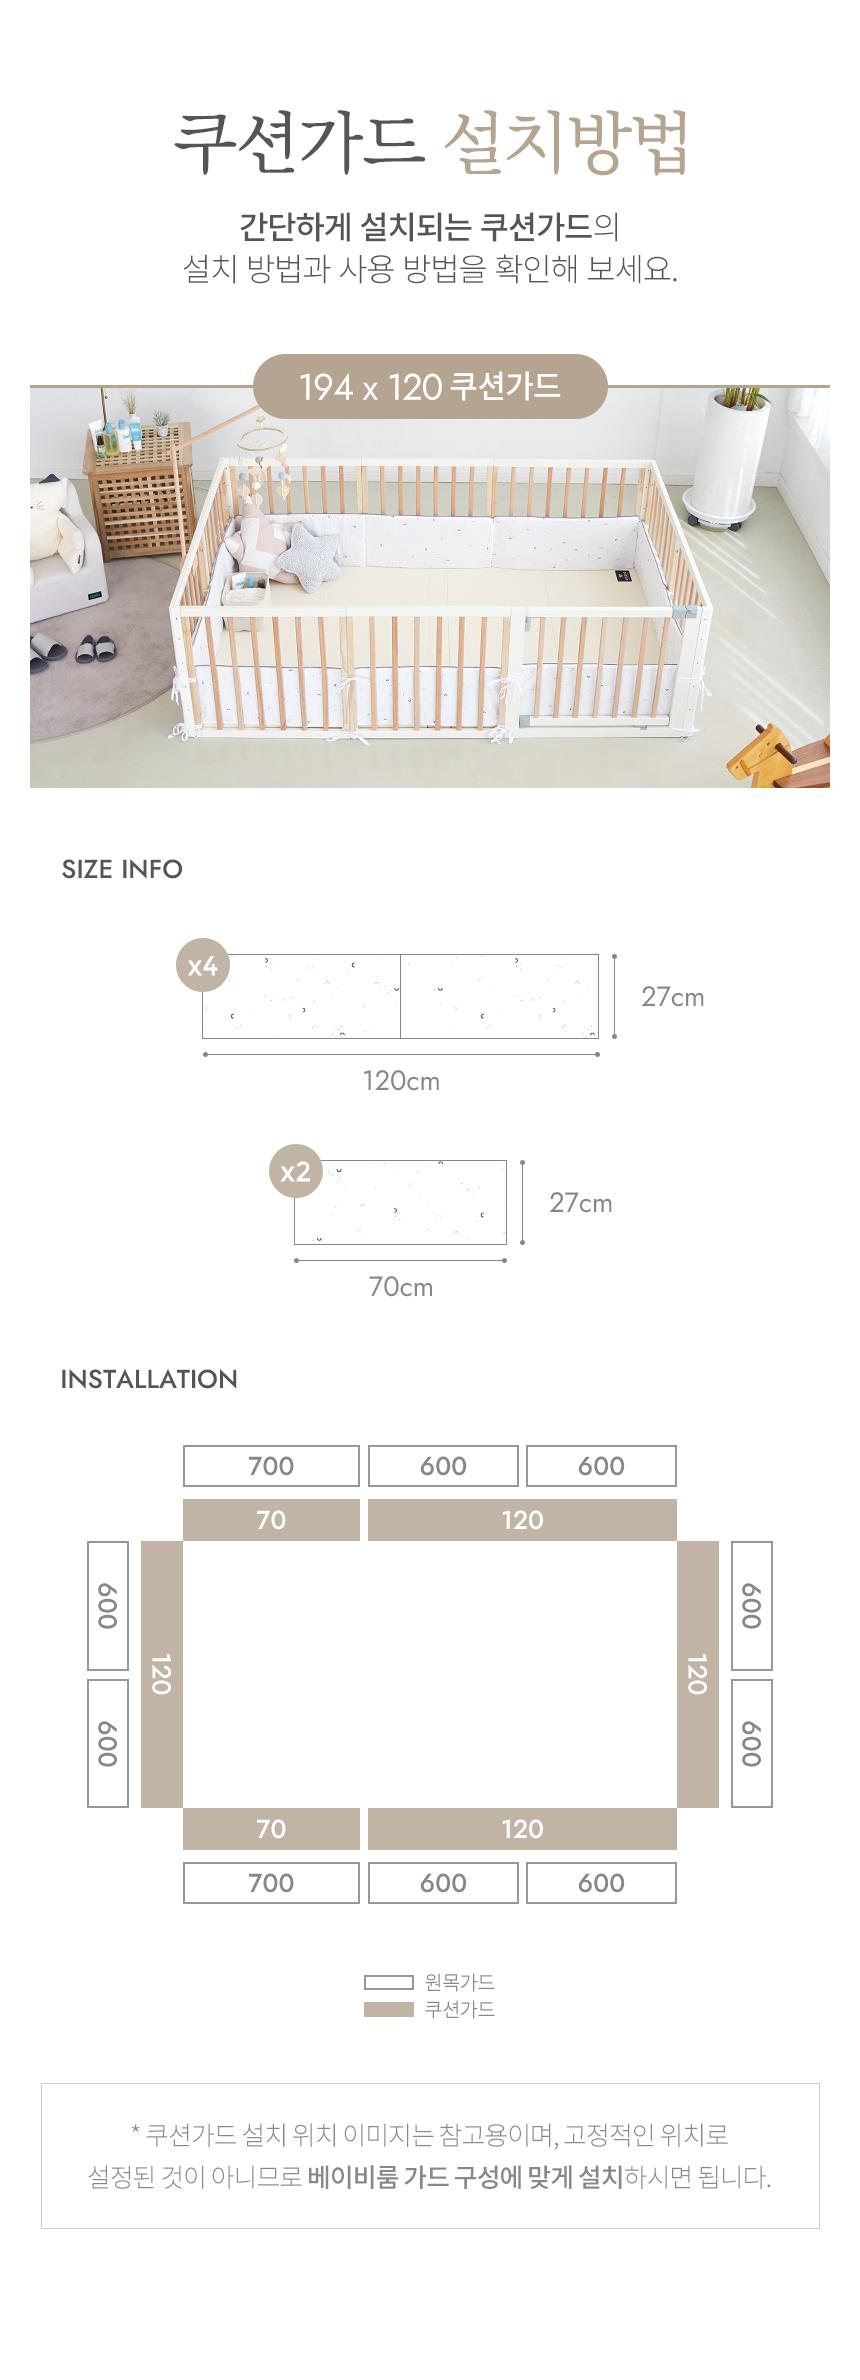 범퍼침대 전용 쿠션가드 사용법